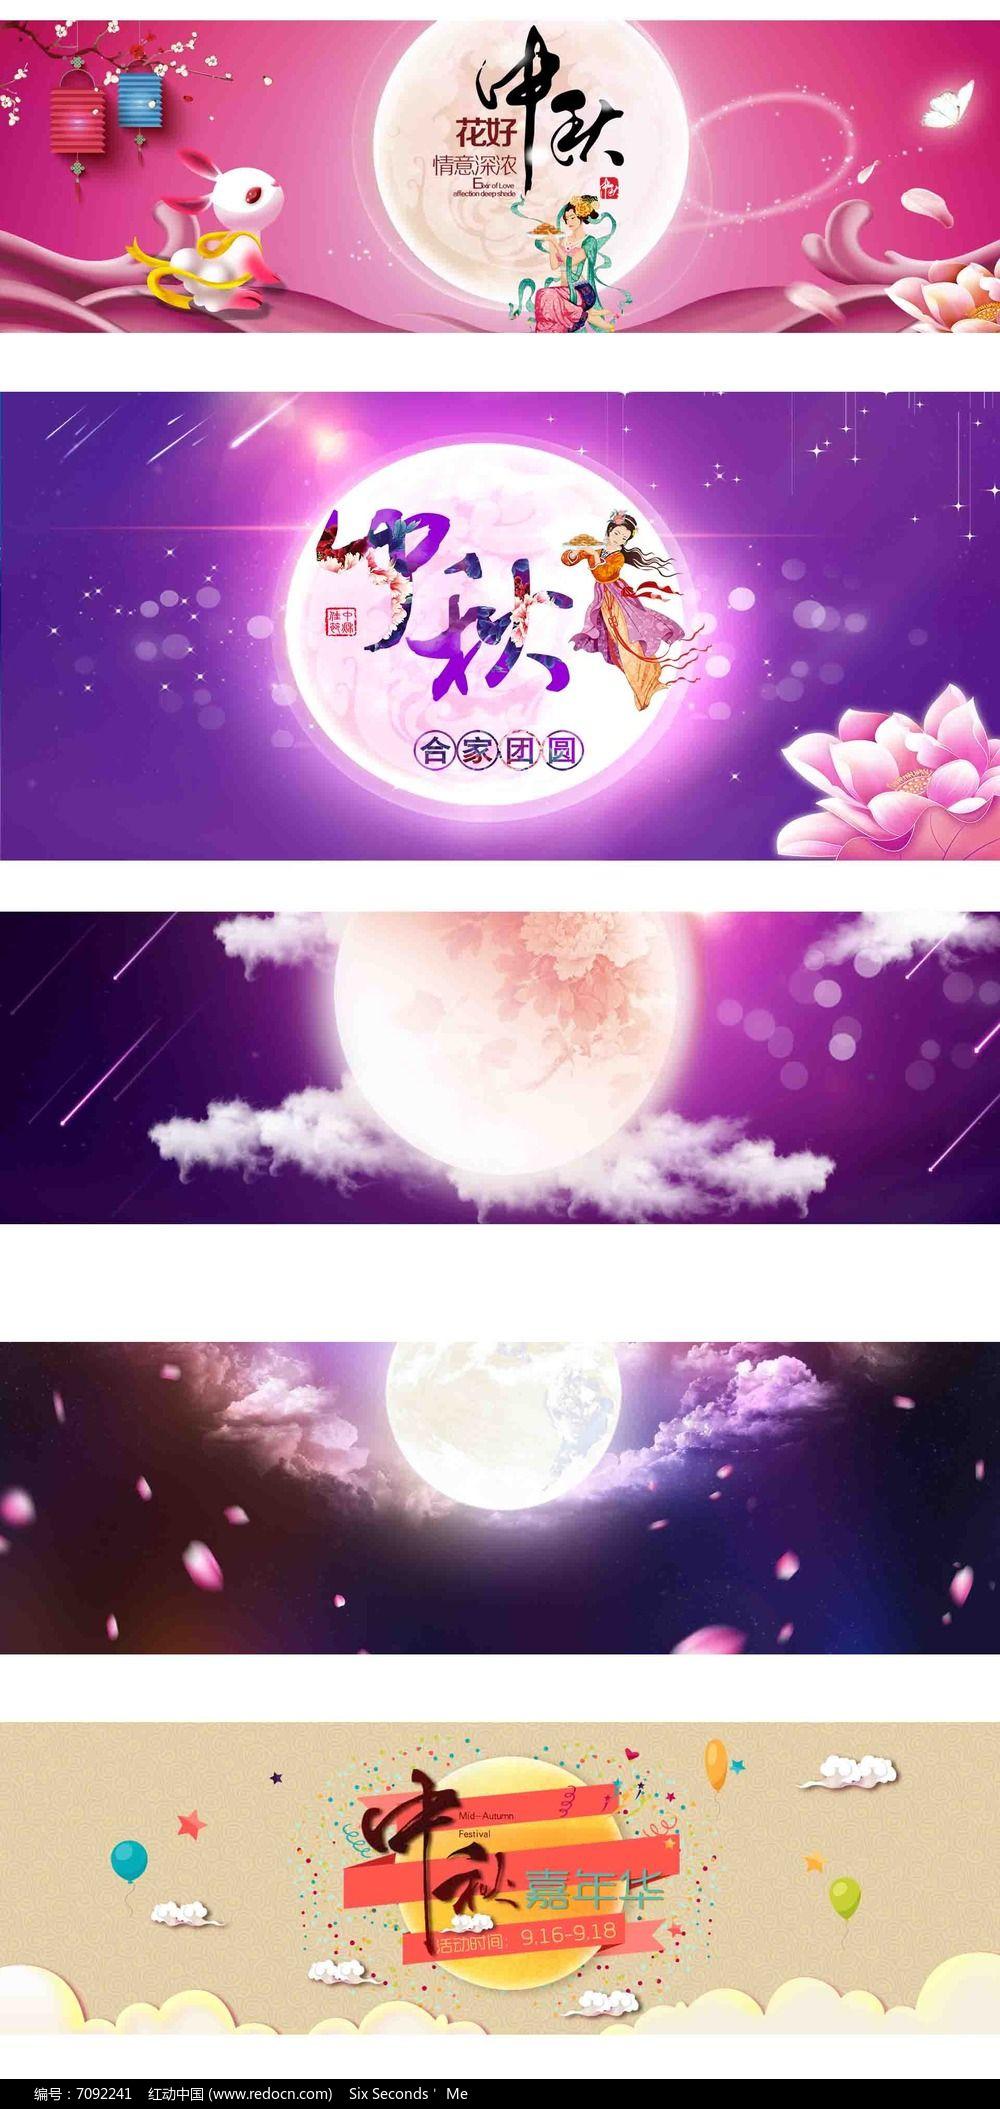 淘宝天猫中秋节海报背景模板